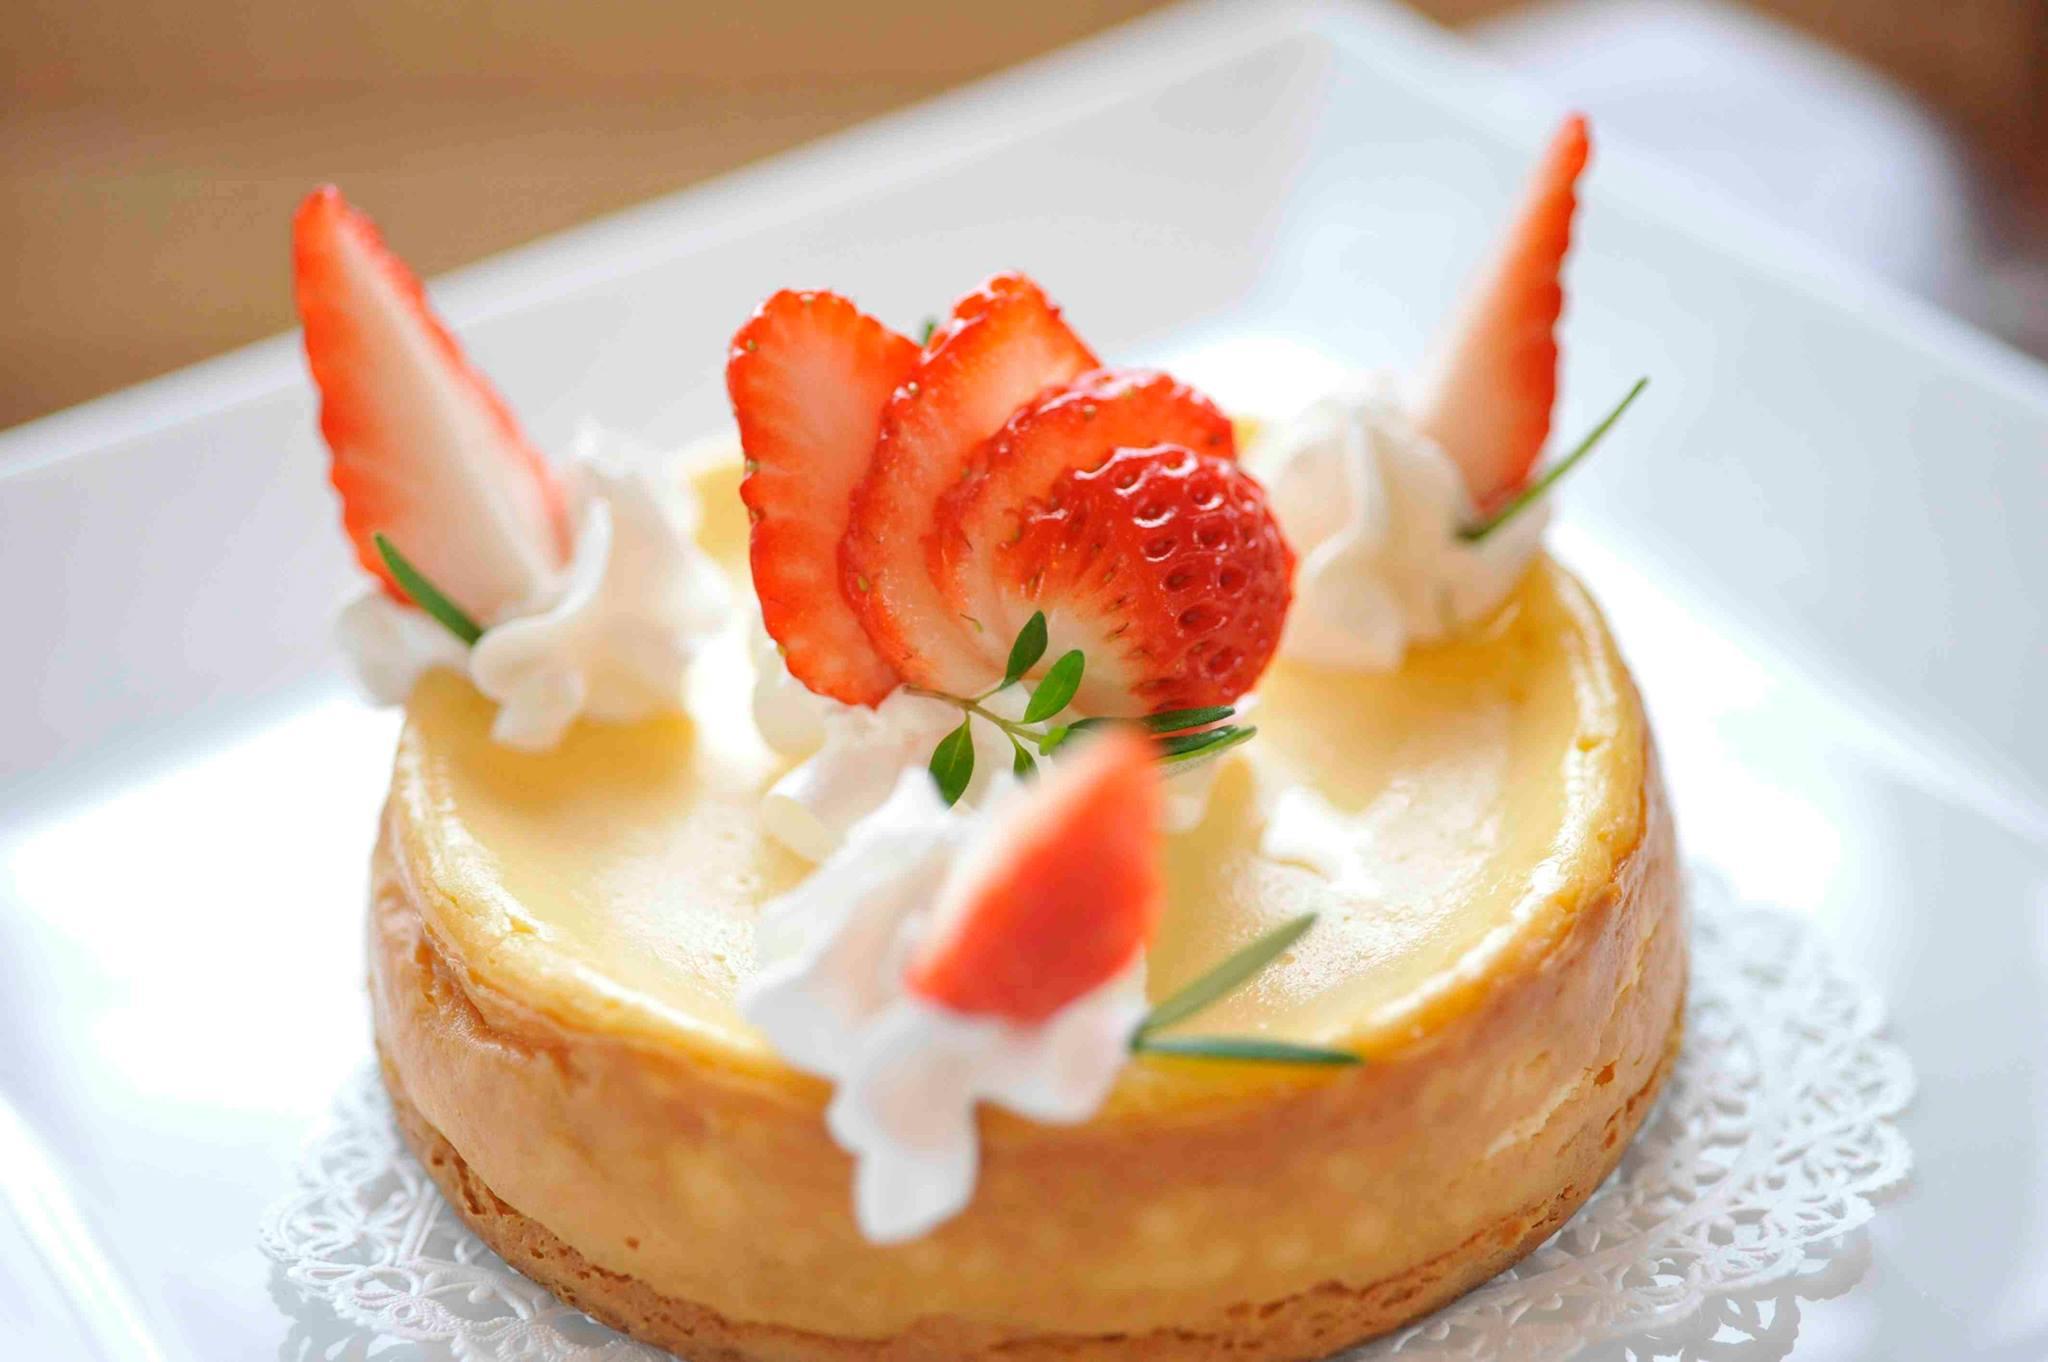 デザートのチーズケーキ